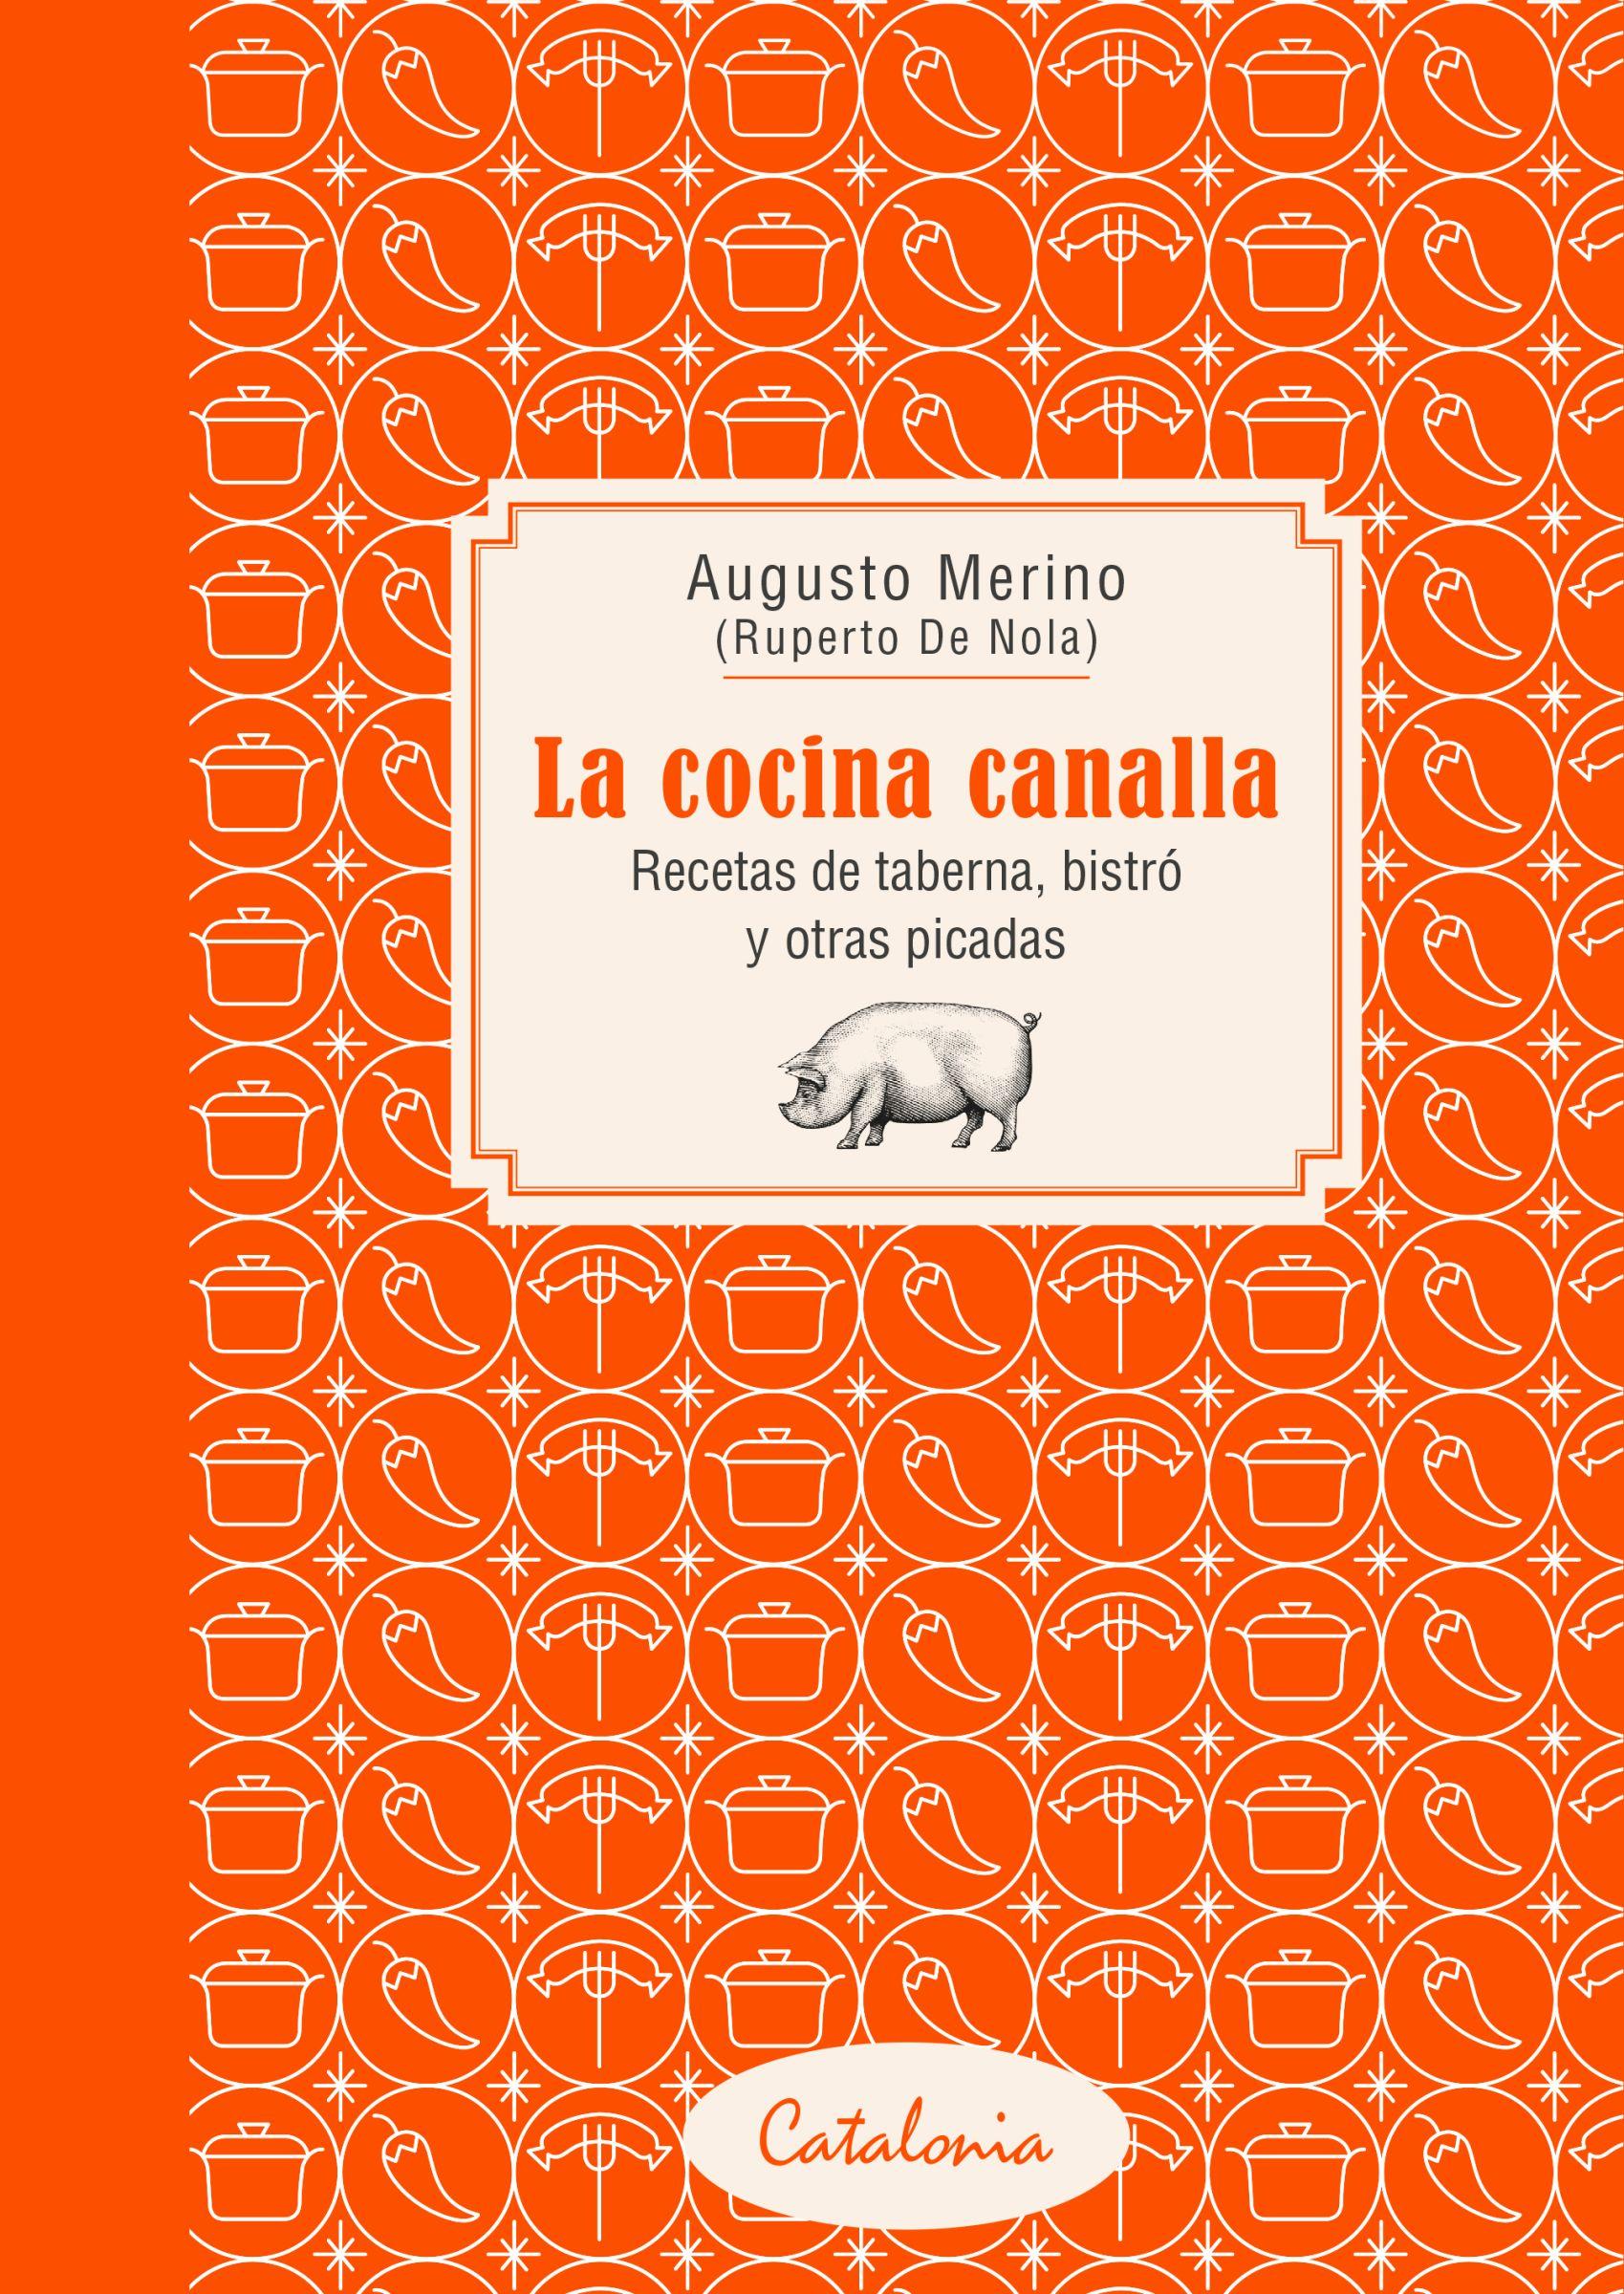 LA COCINA CANALLA